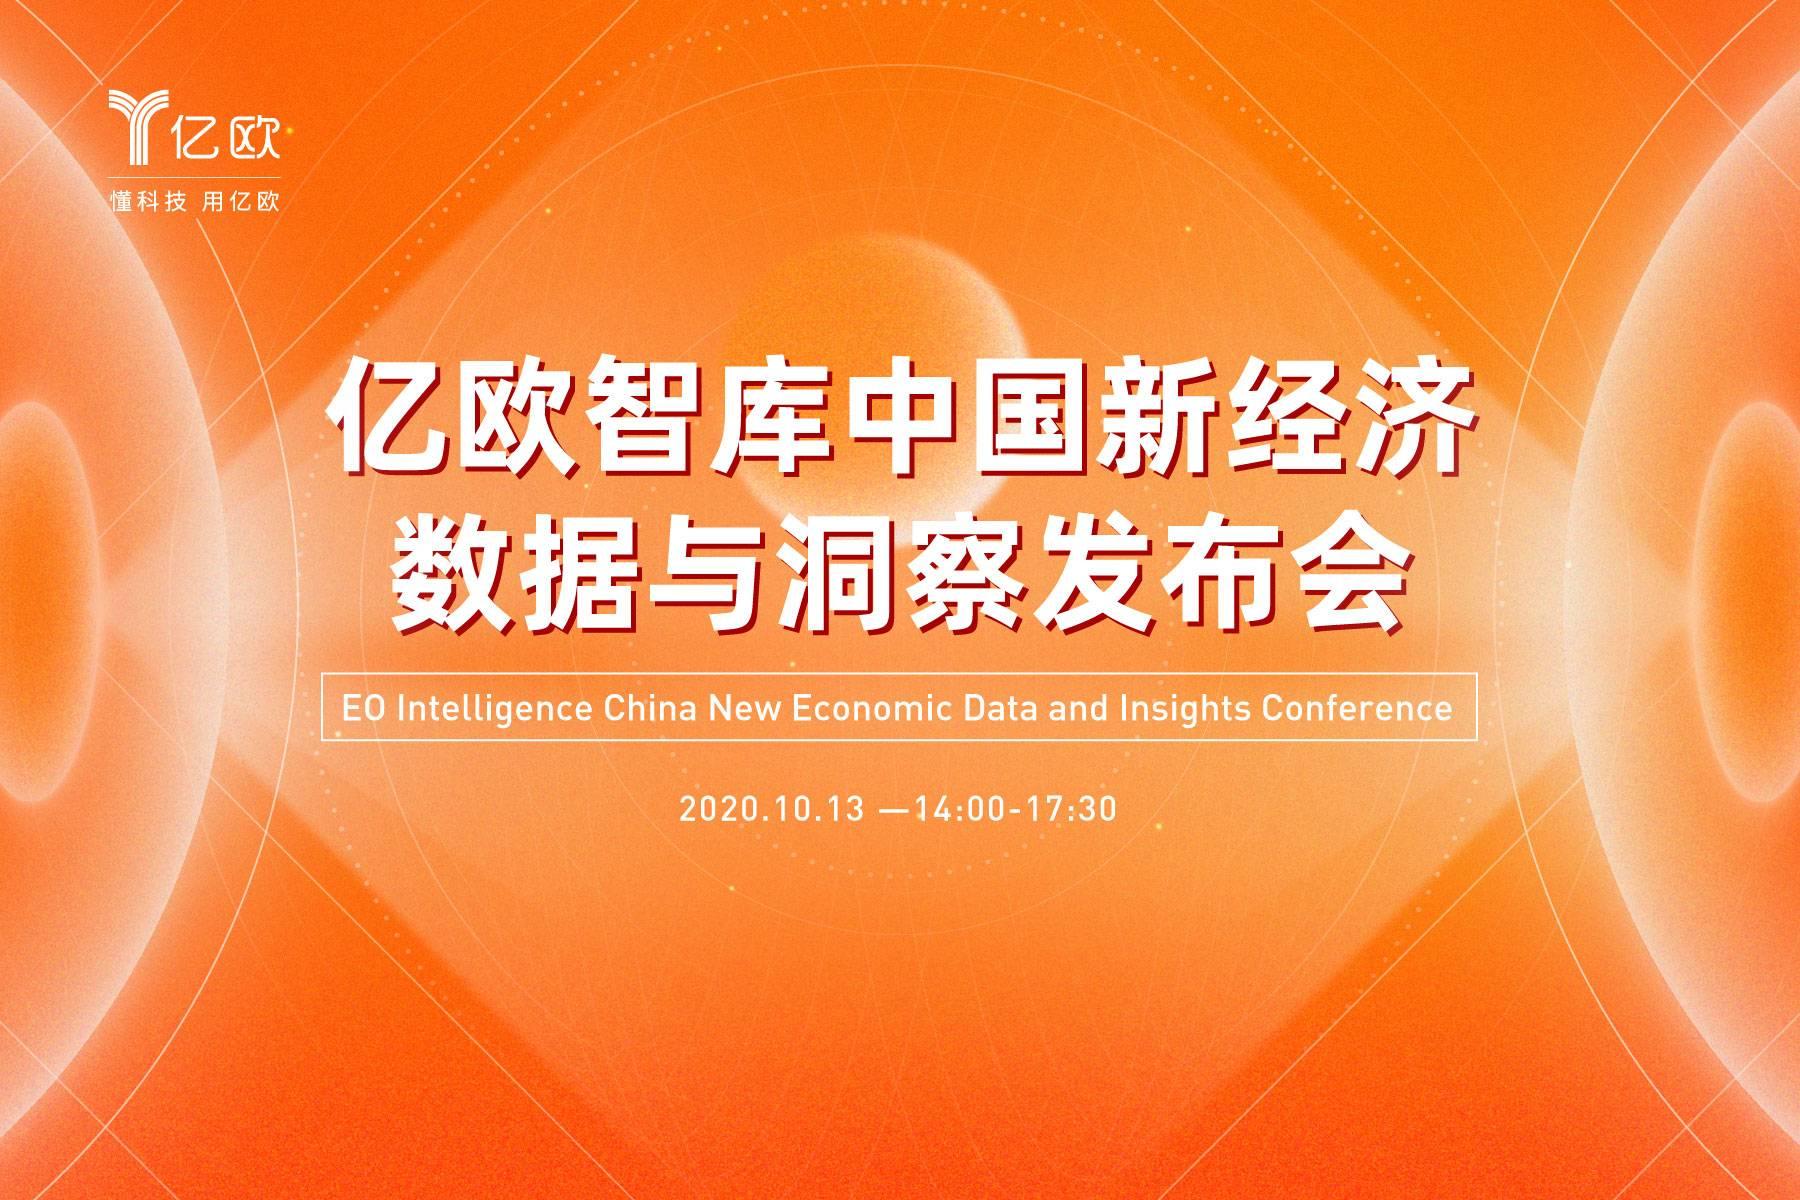 億歐智庫中國新經濟數據與洞察發布會